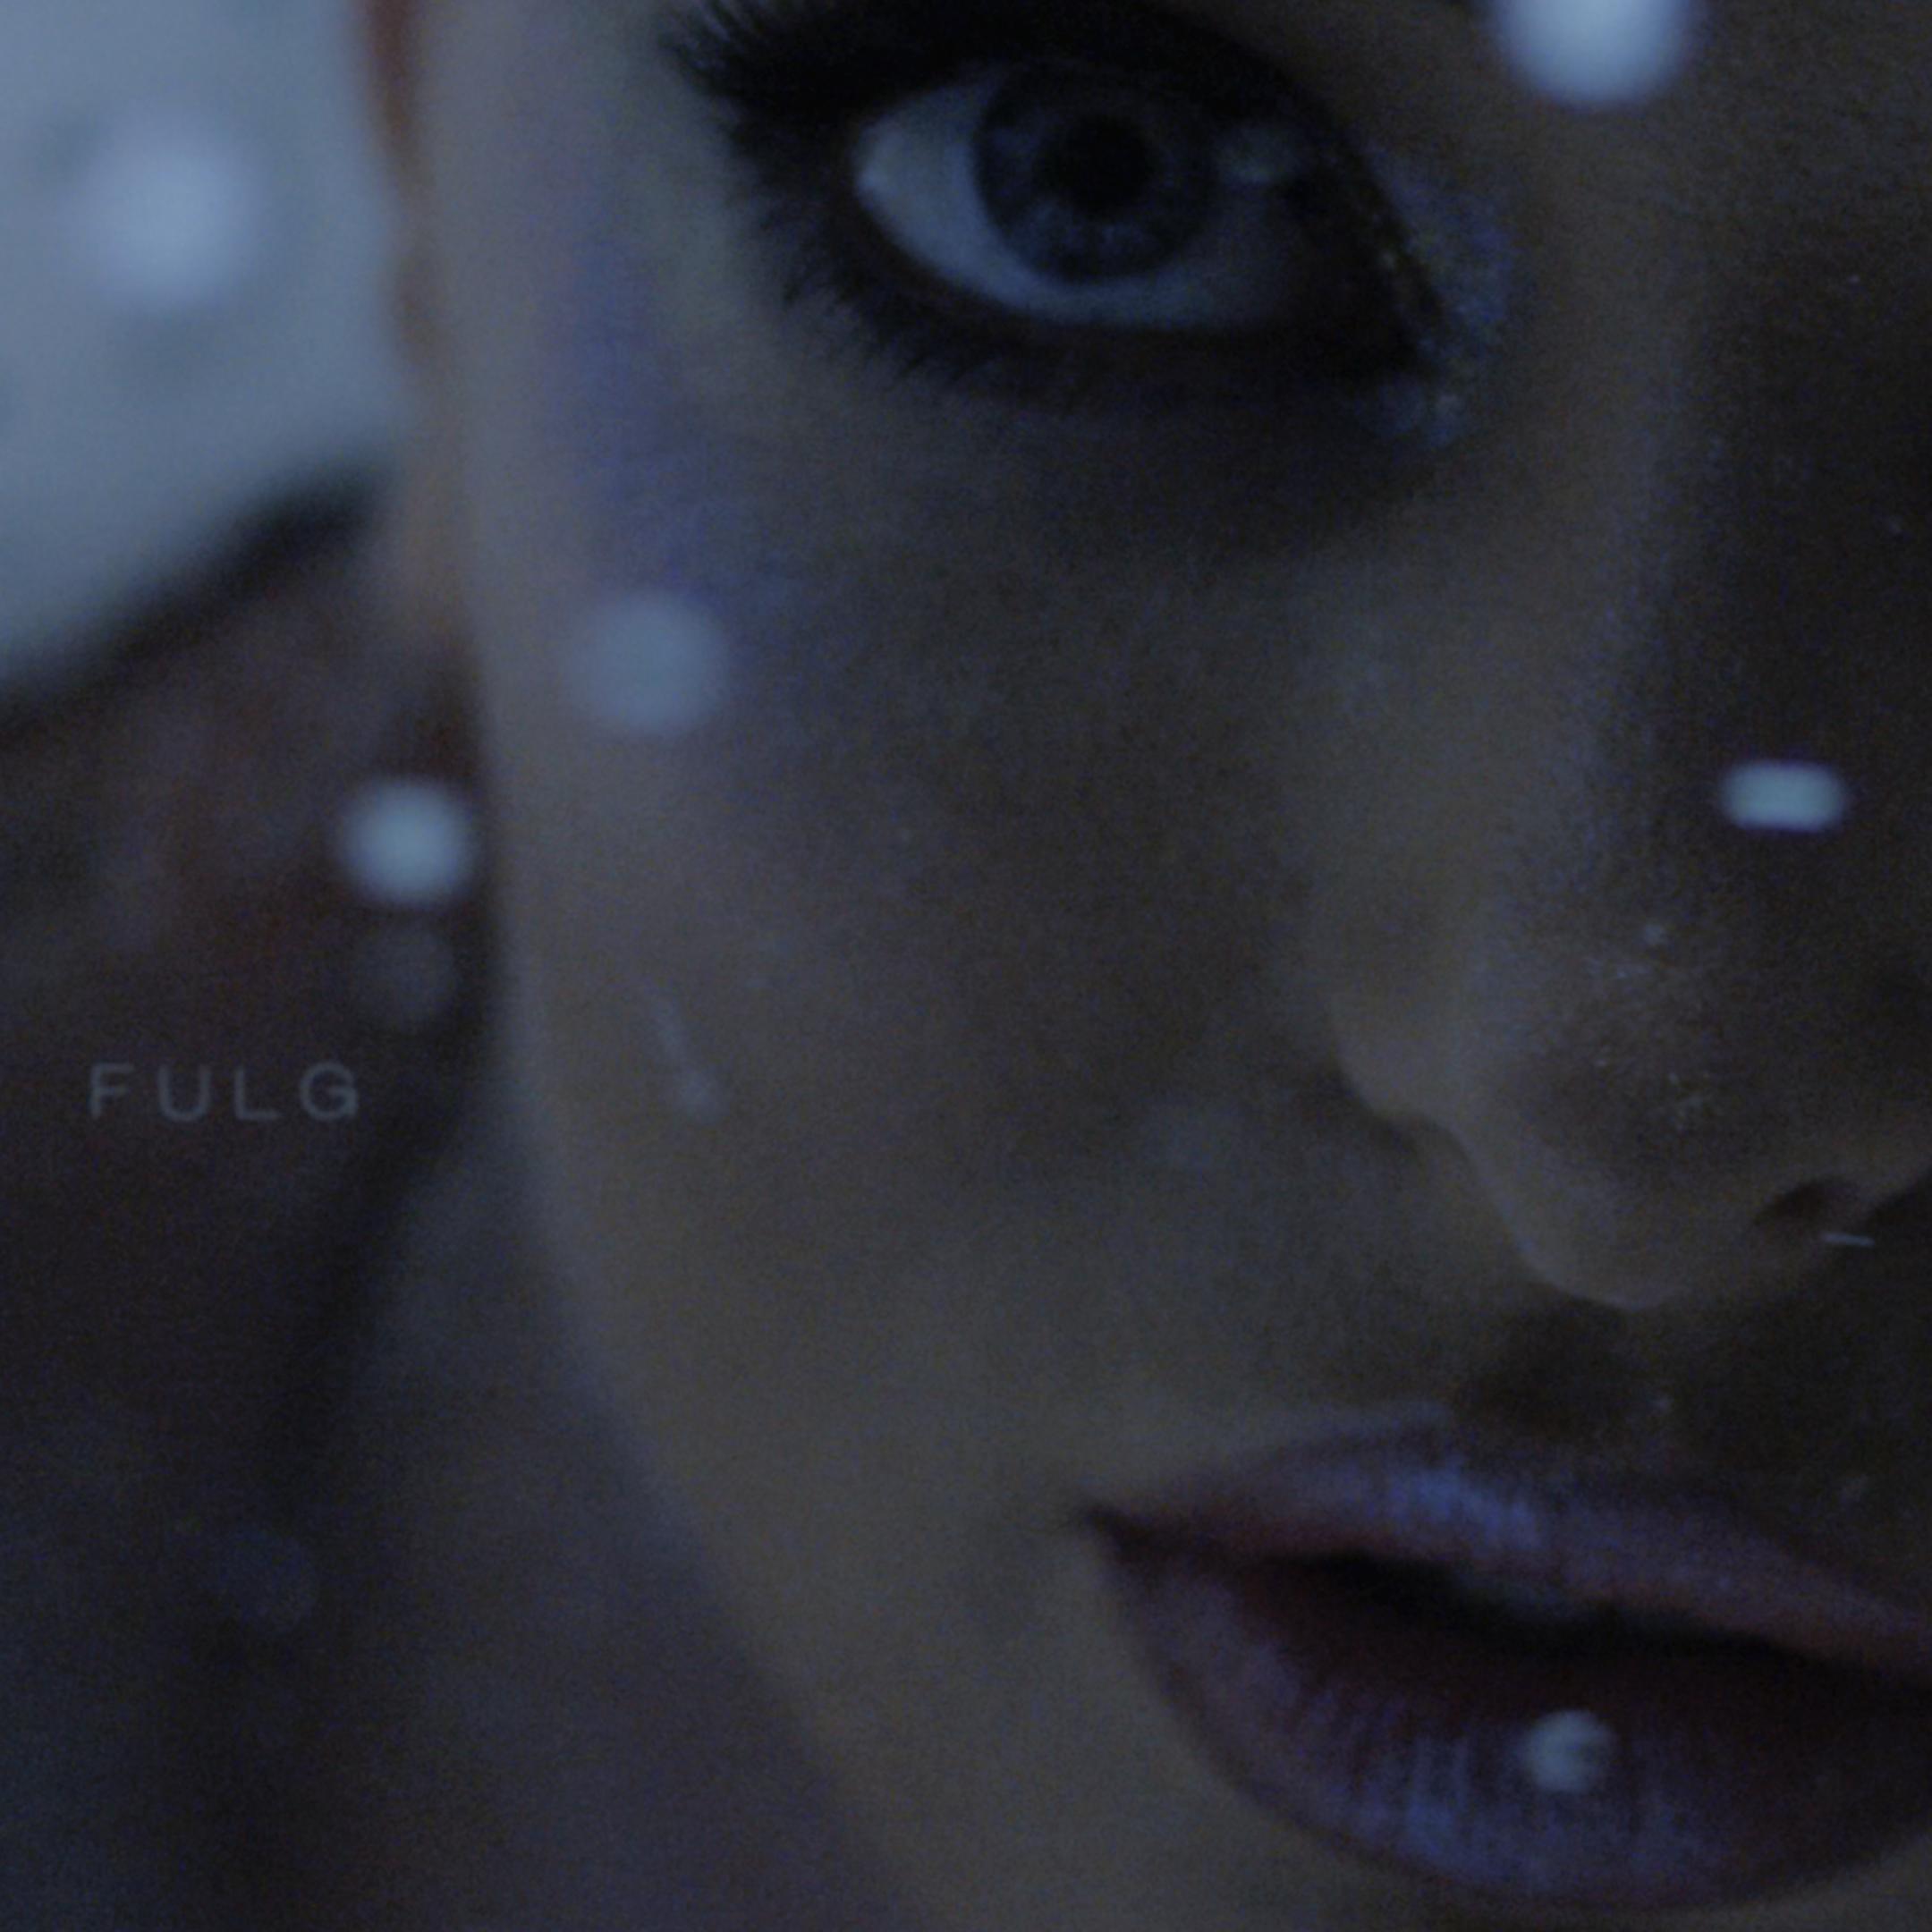 Delia – Fulg | New single & video from Deliria